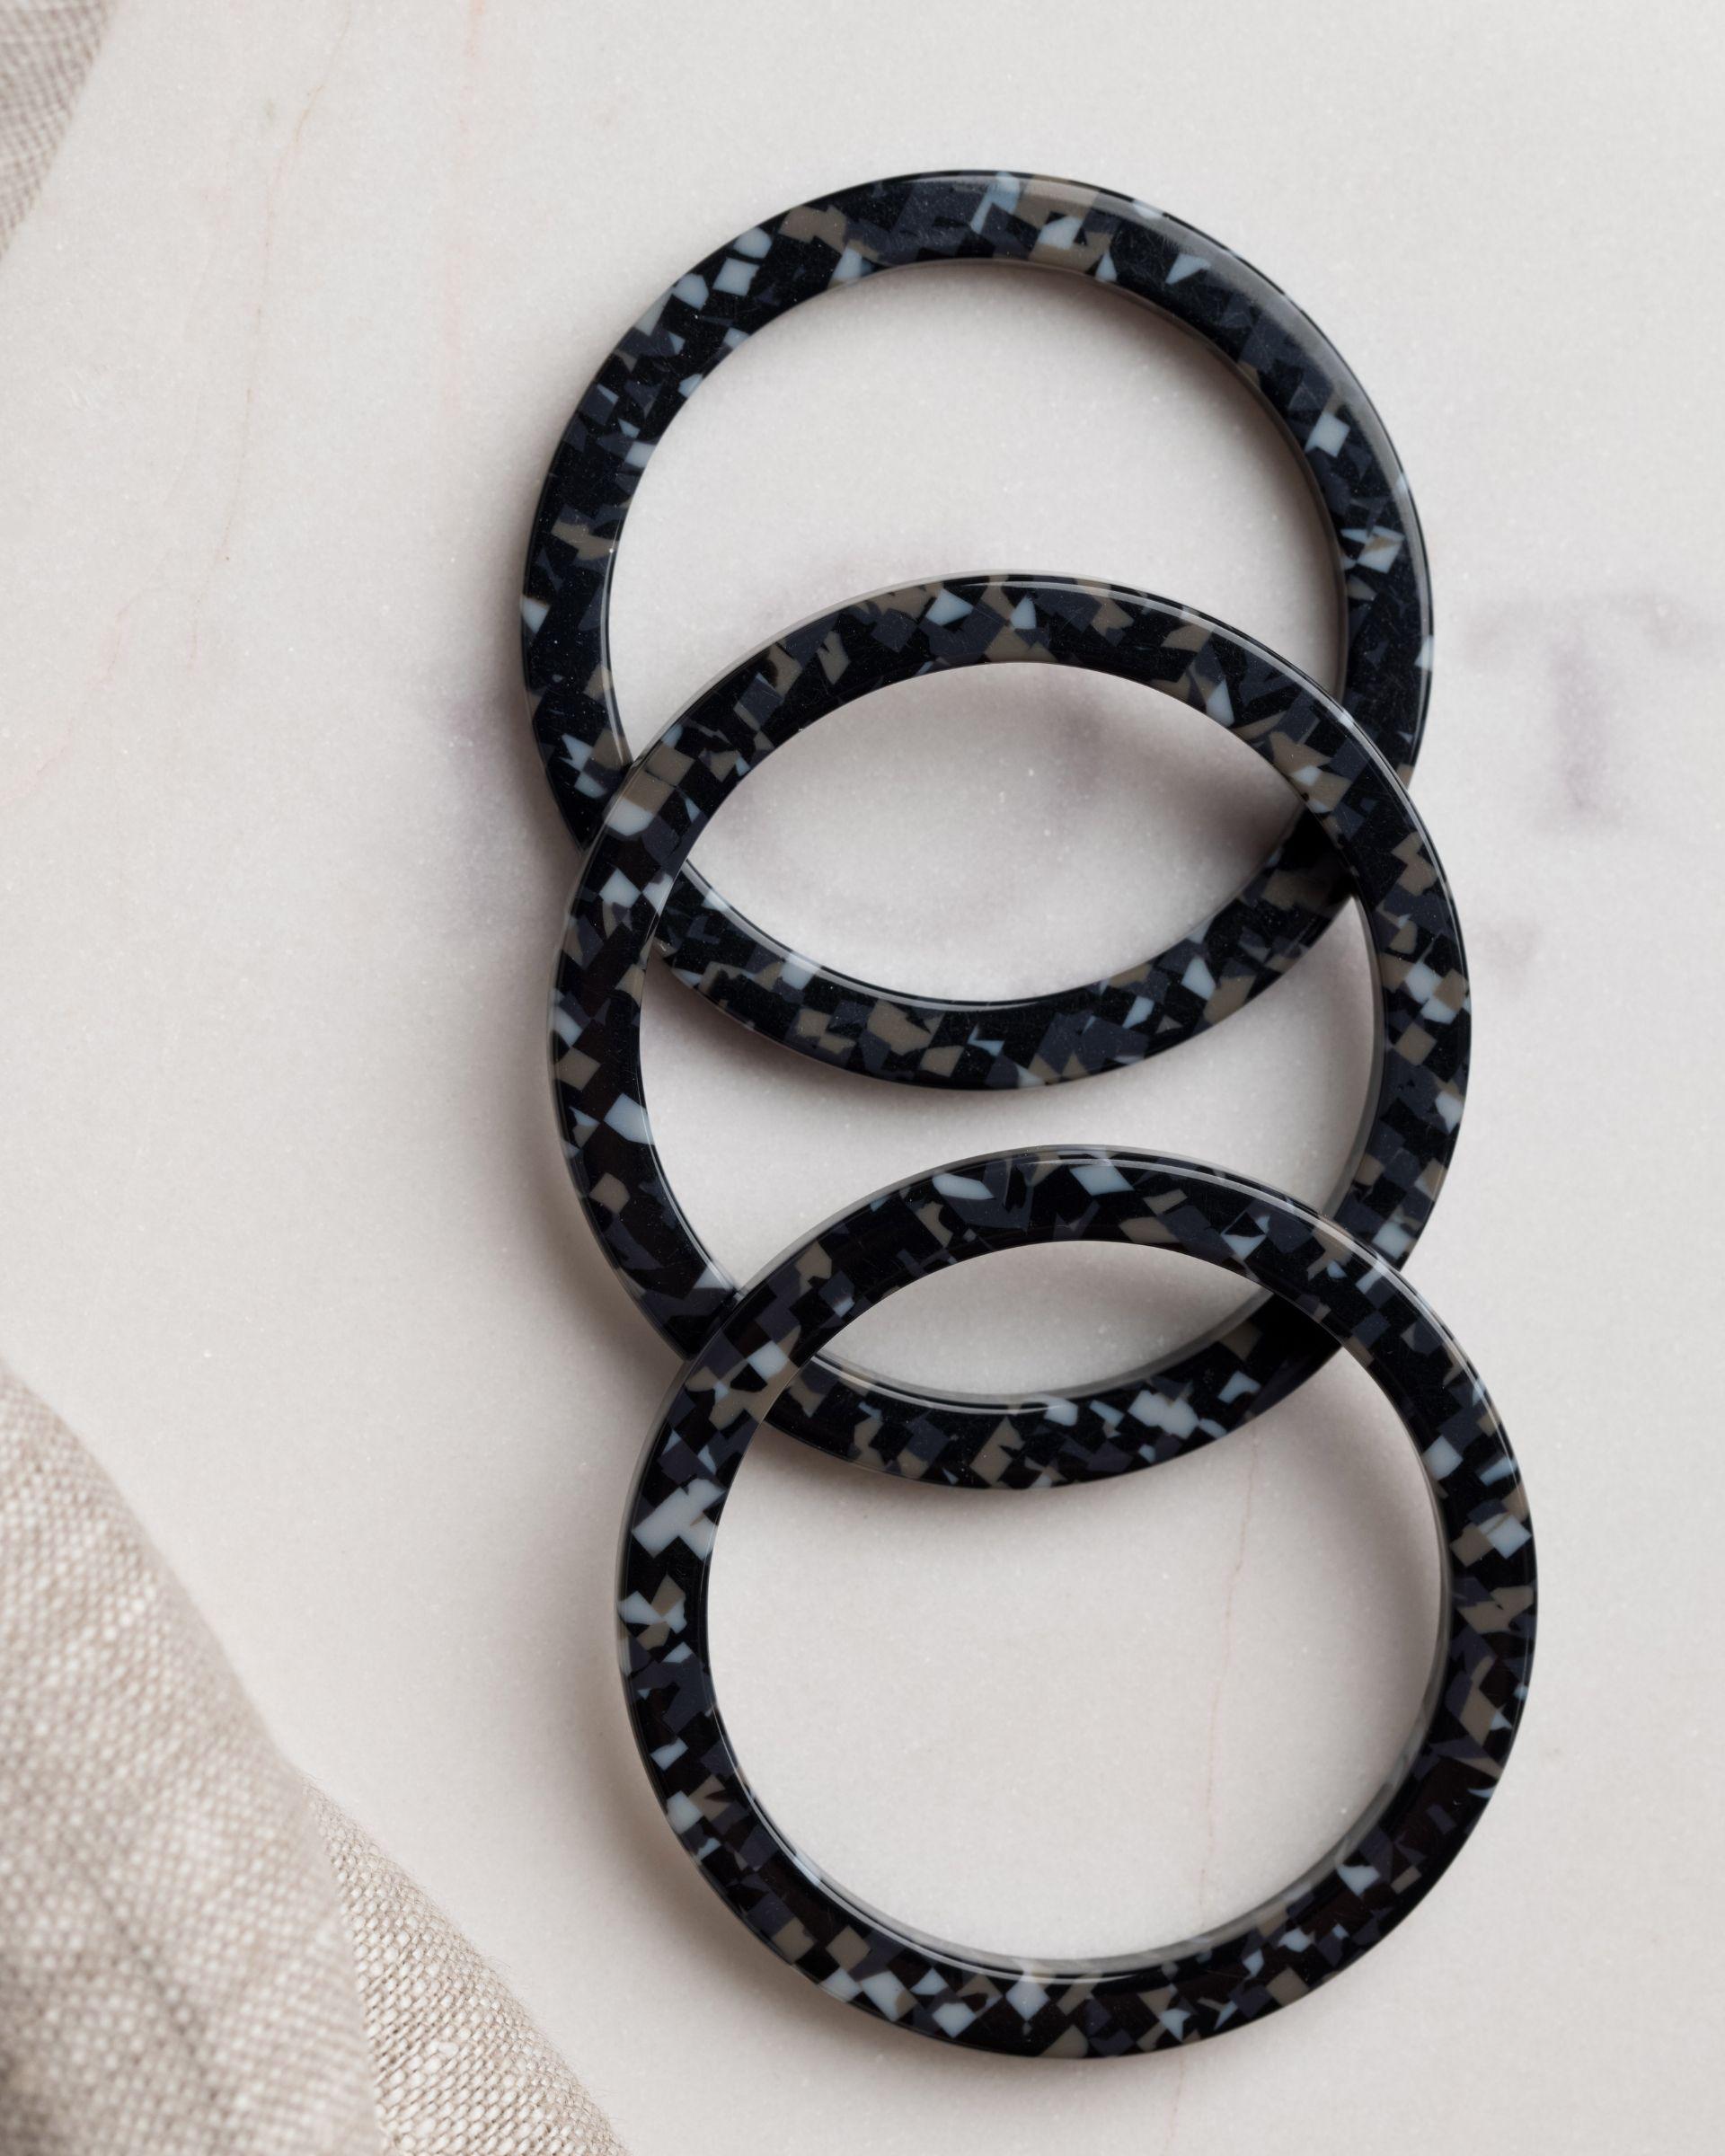 Pierścień na serwetę ciemny